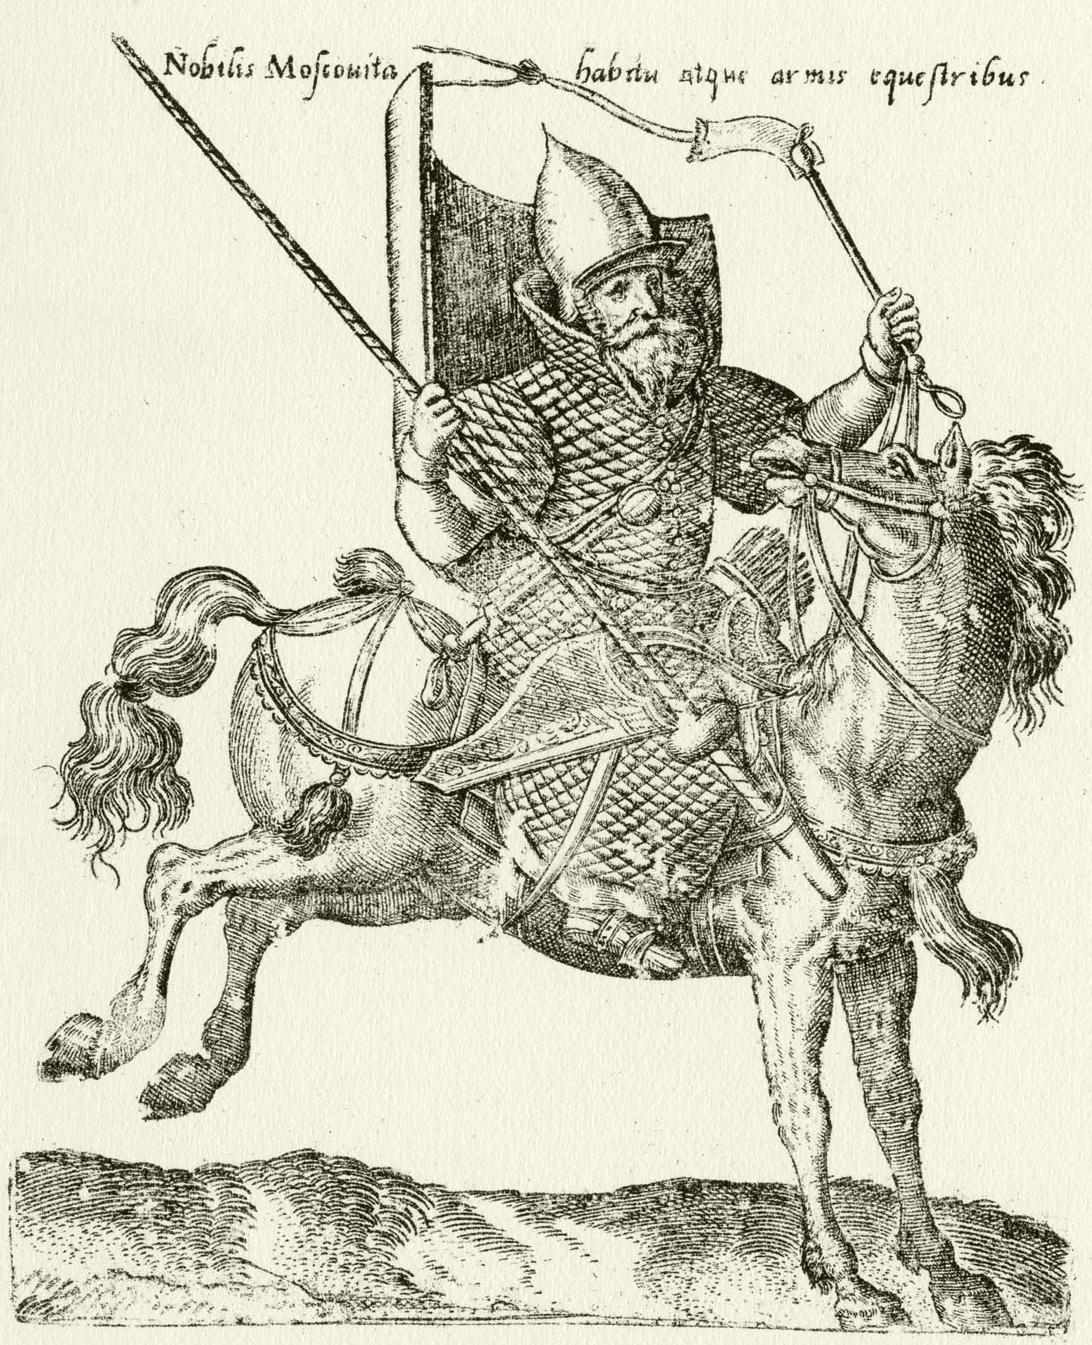 219. «Nobilis Moscouita babitu atque armis equestribus»